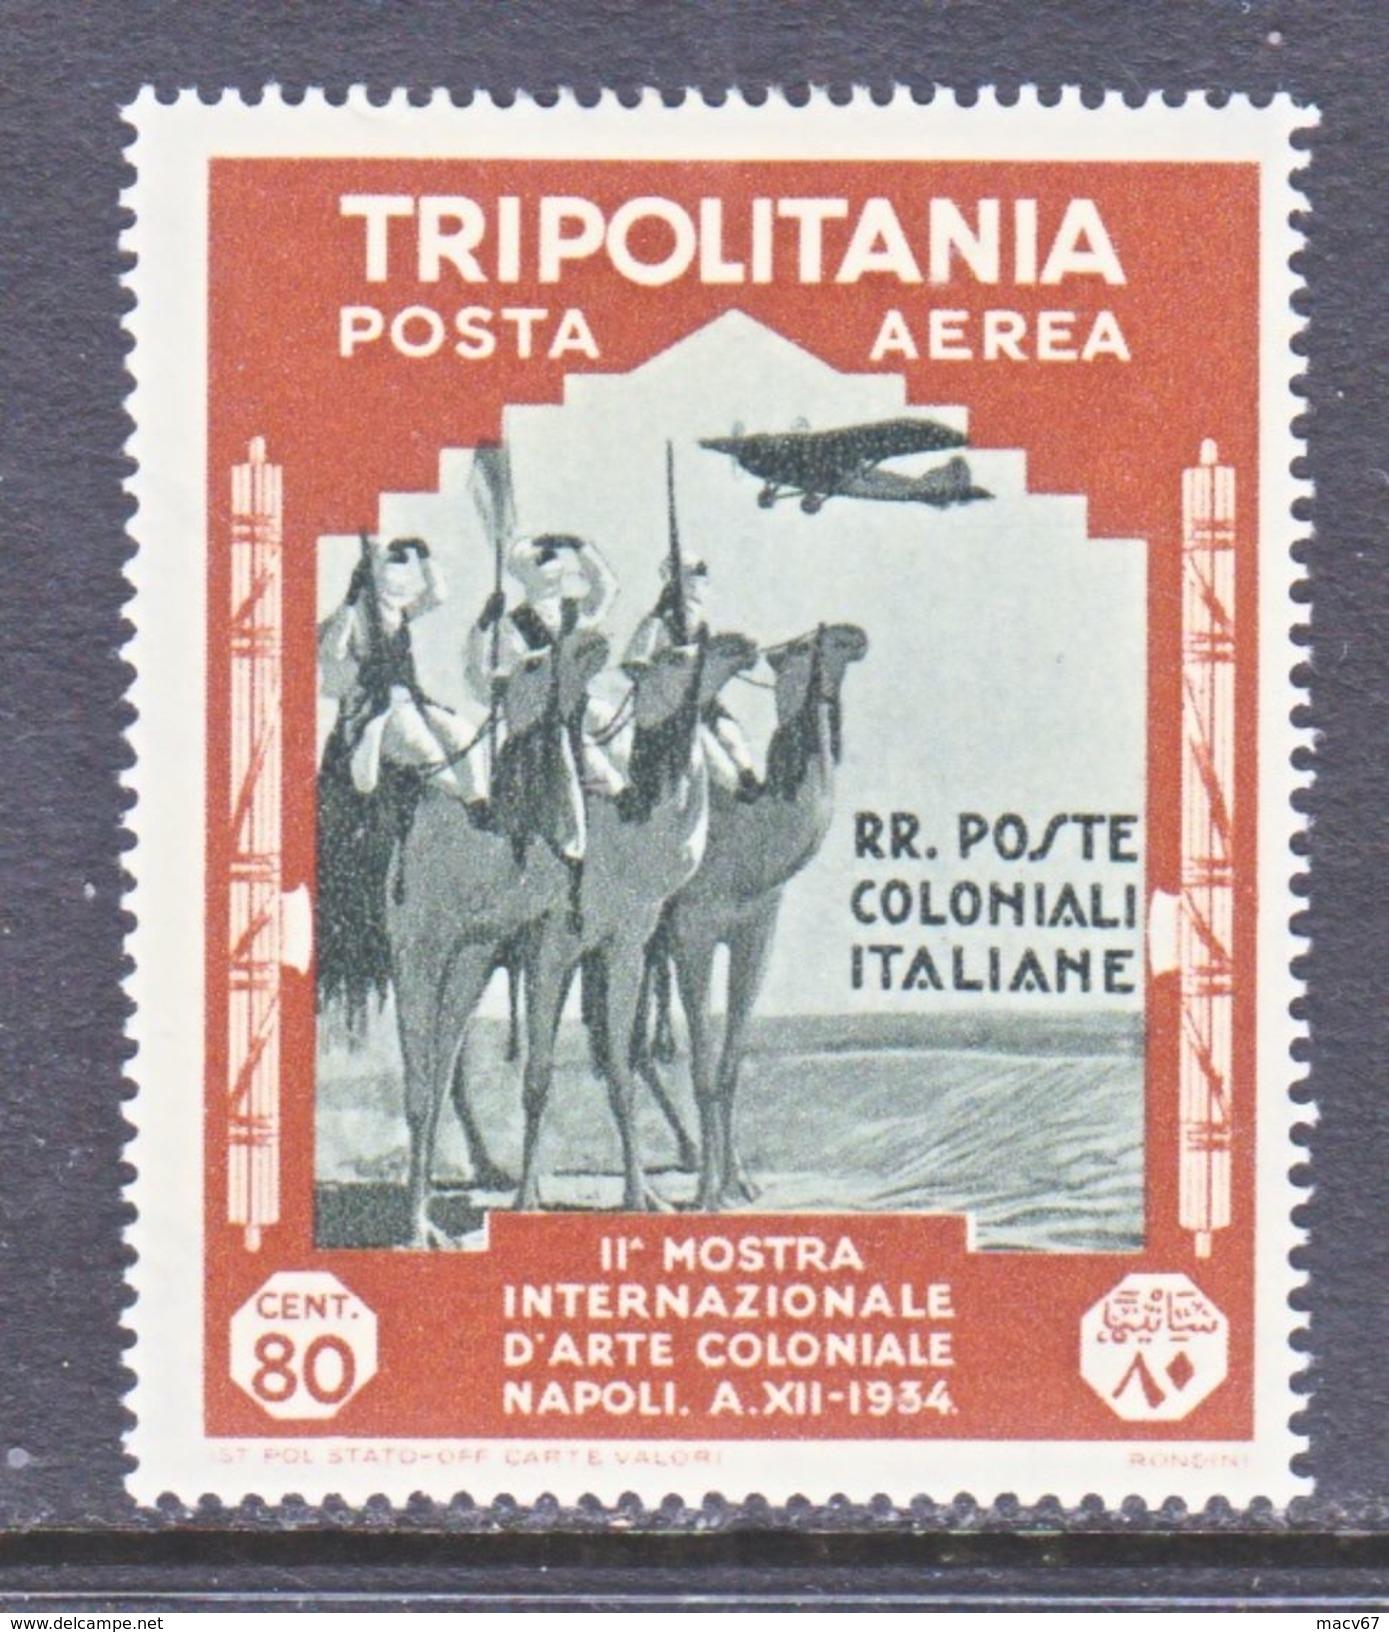 ITALY  TRIPOLITANIA  C 46  * - Tripolitania